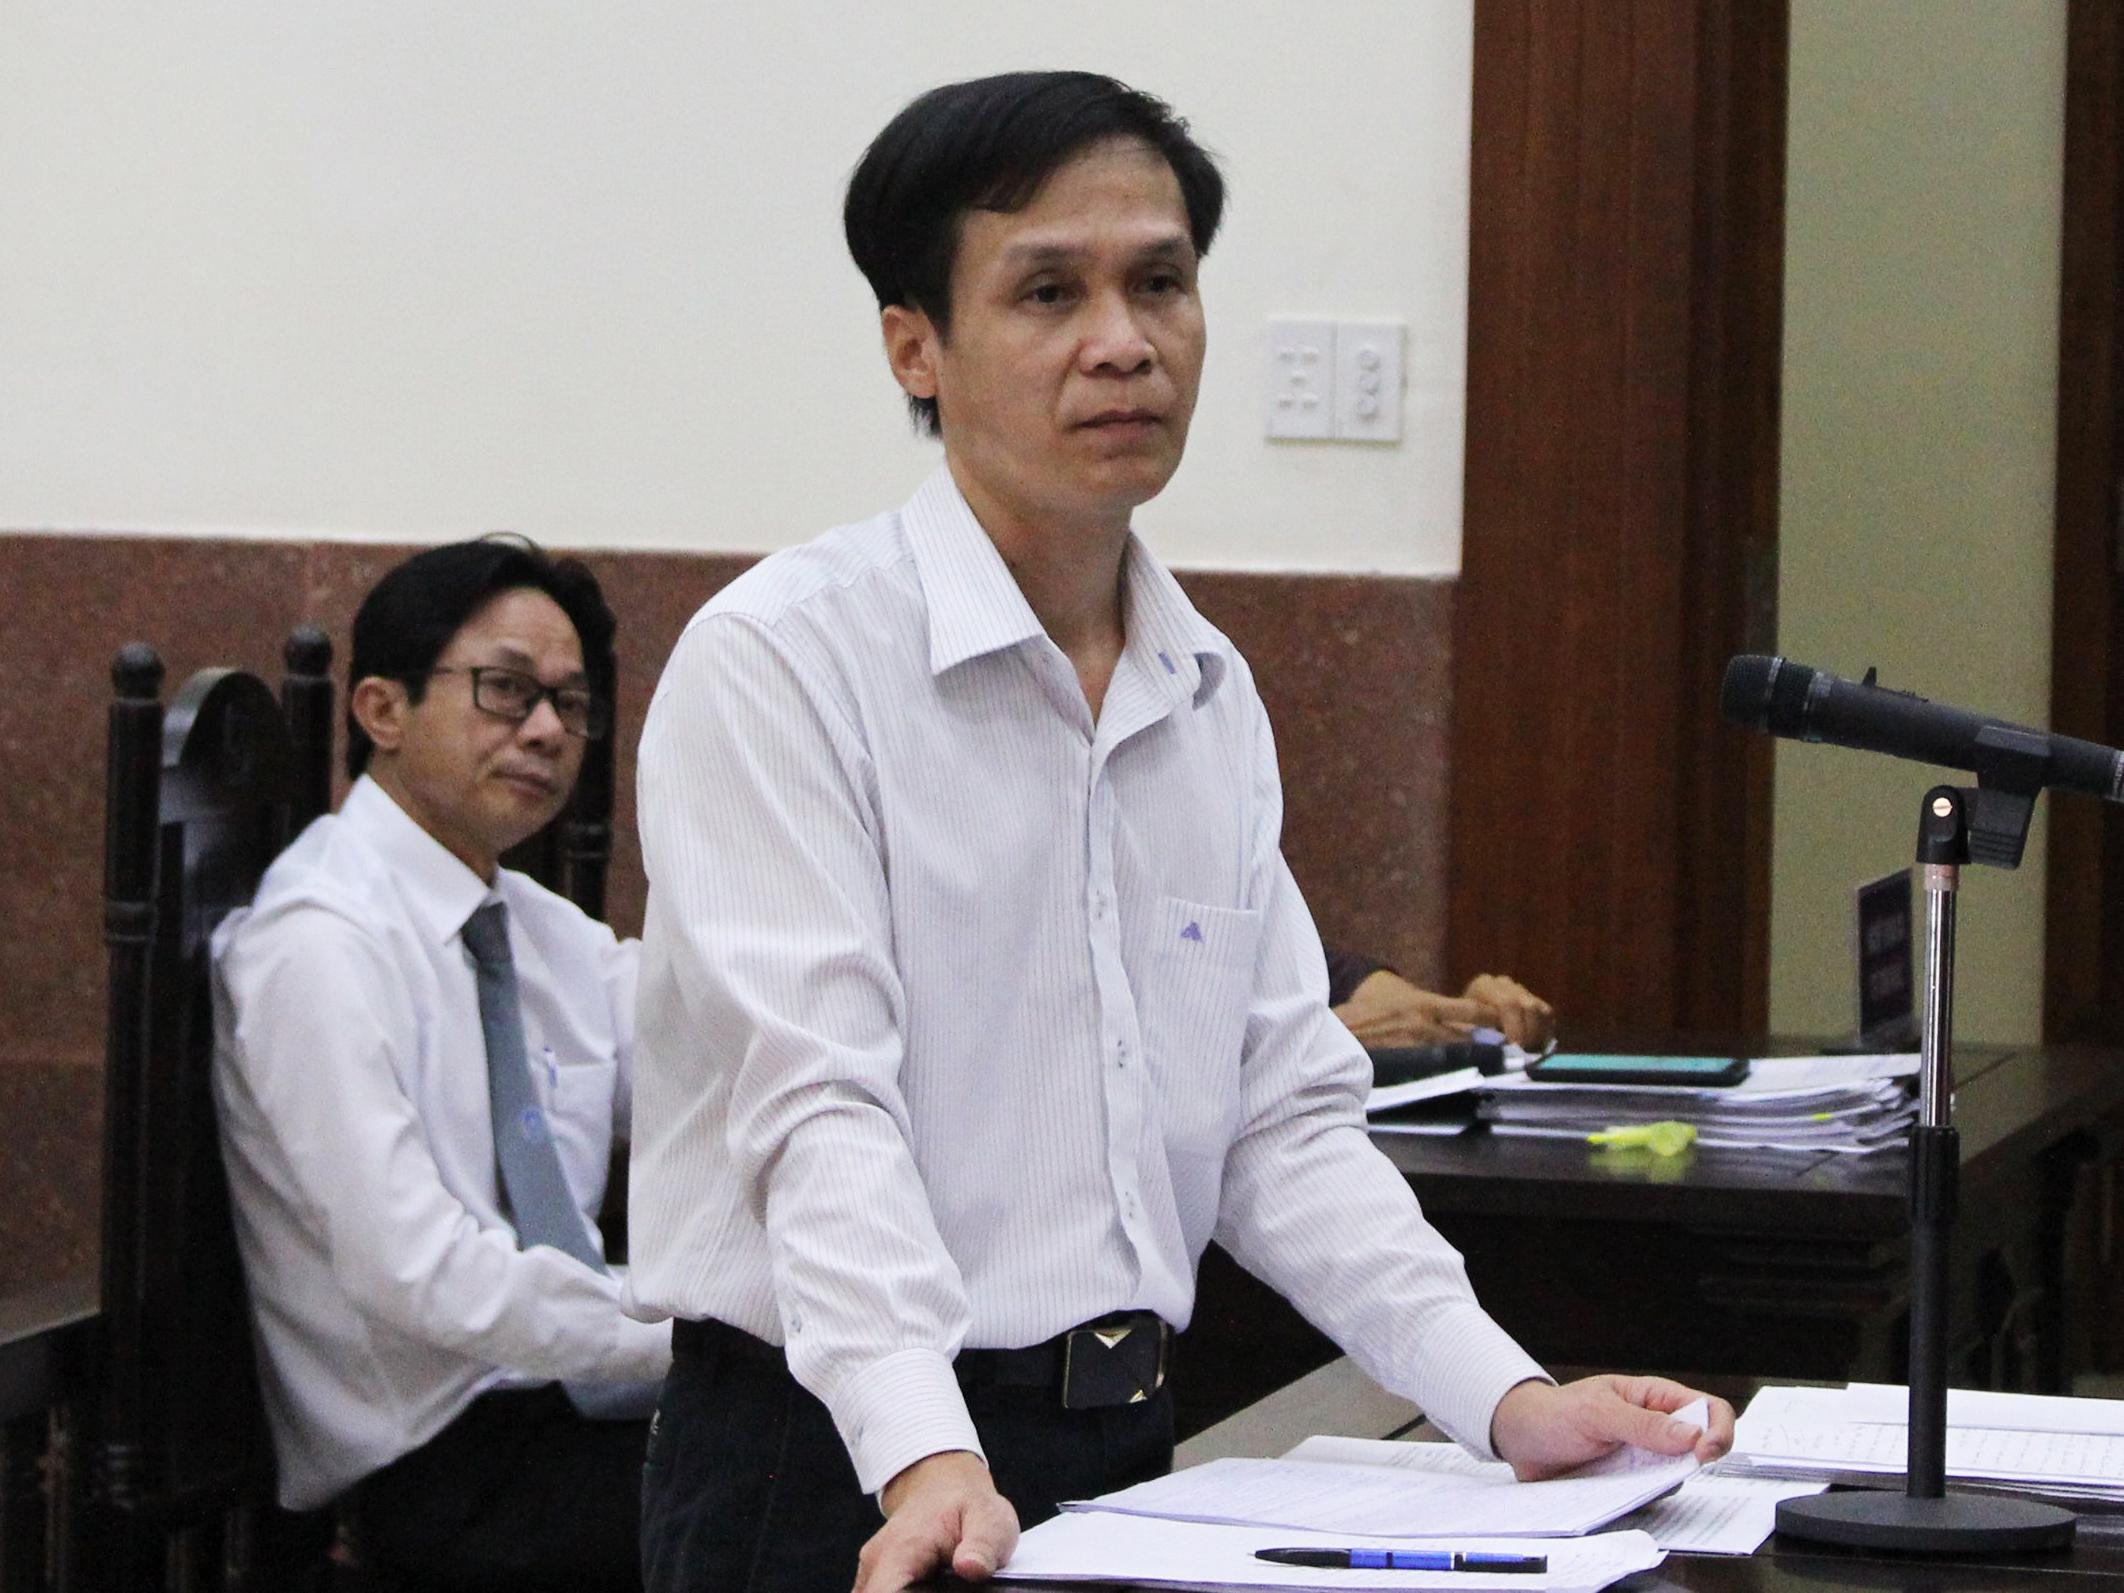 Bi hài thân chủ kiện luật sư vì bị chiếm đoạt gần 1 tỷ đồng - Ảnh 1